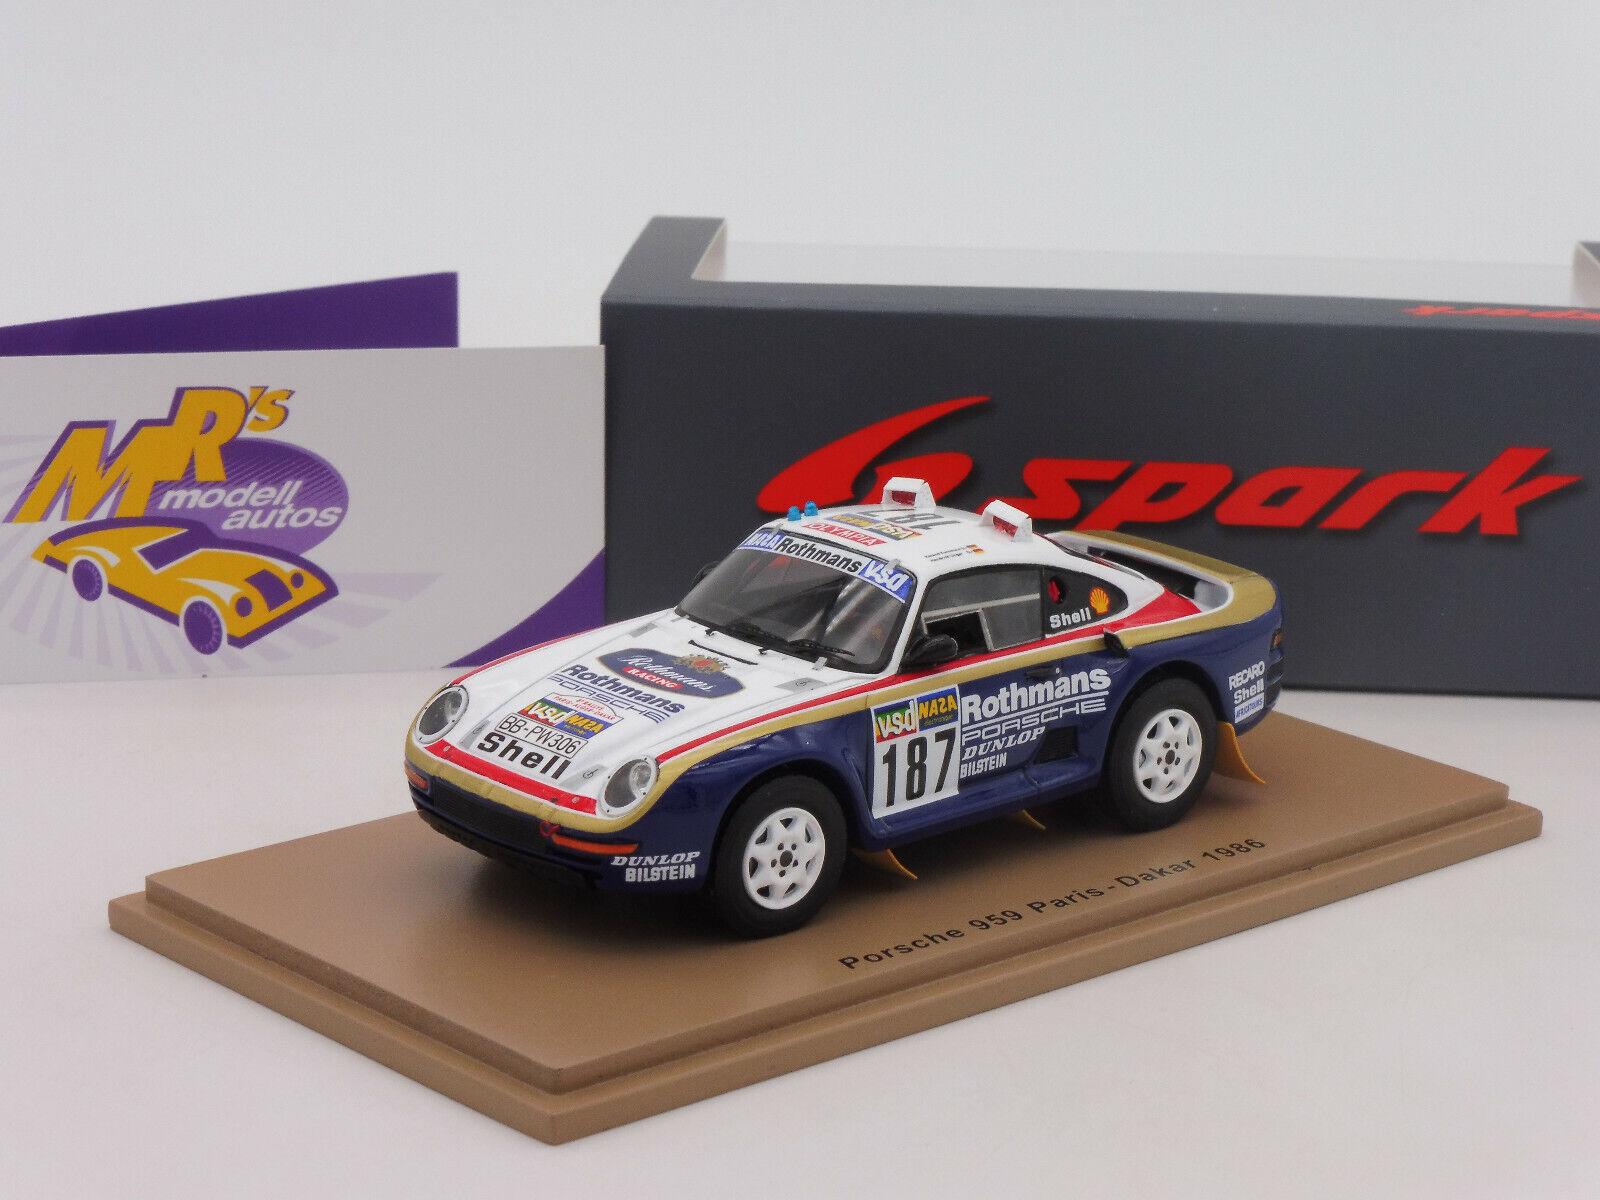 precios bajos todos los dias Spark Spark Spark s7816   Porsche 959 paris-dakar 1986  r. Kussmaul-h. unger  1 43 nuevo  gran selección y entrega rápida